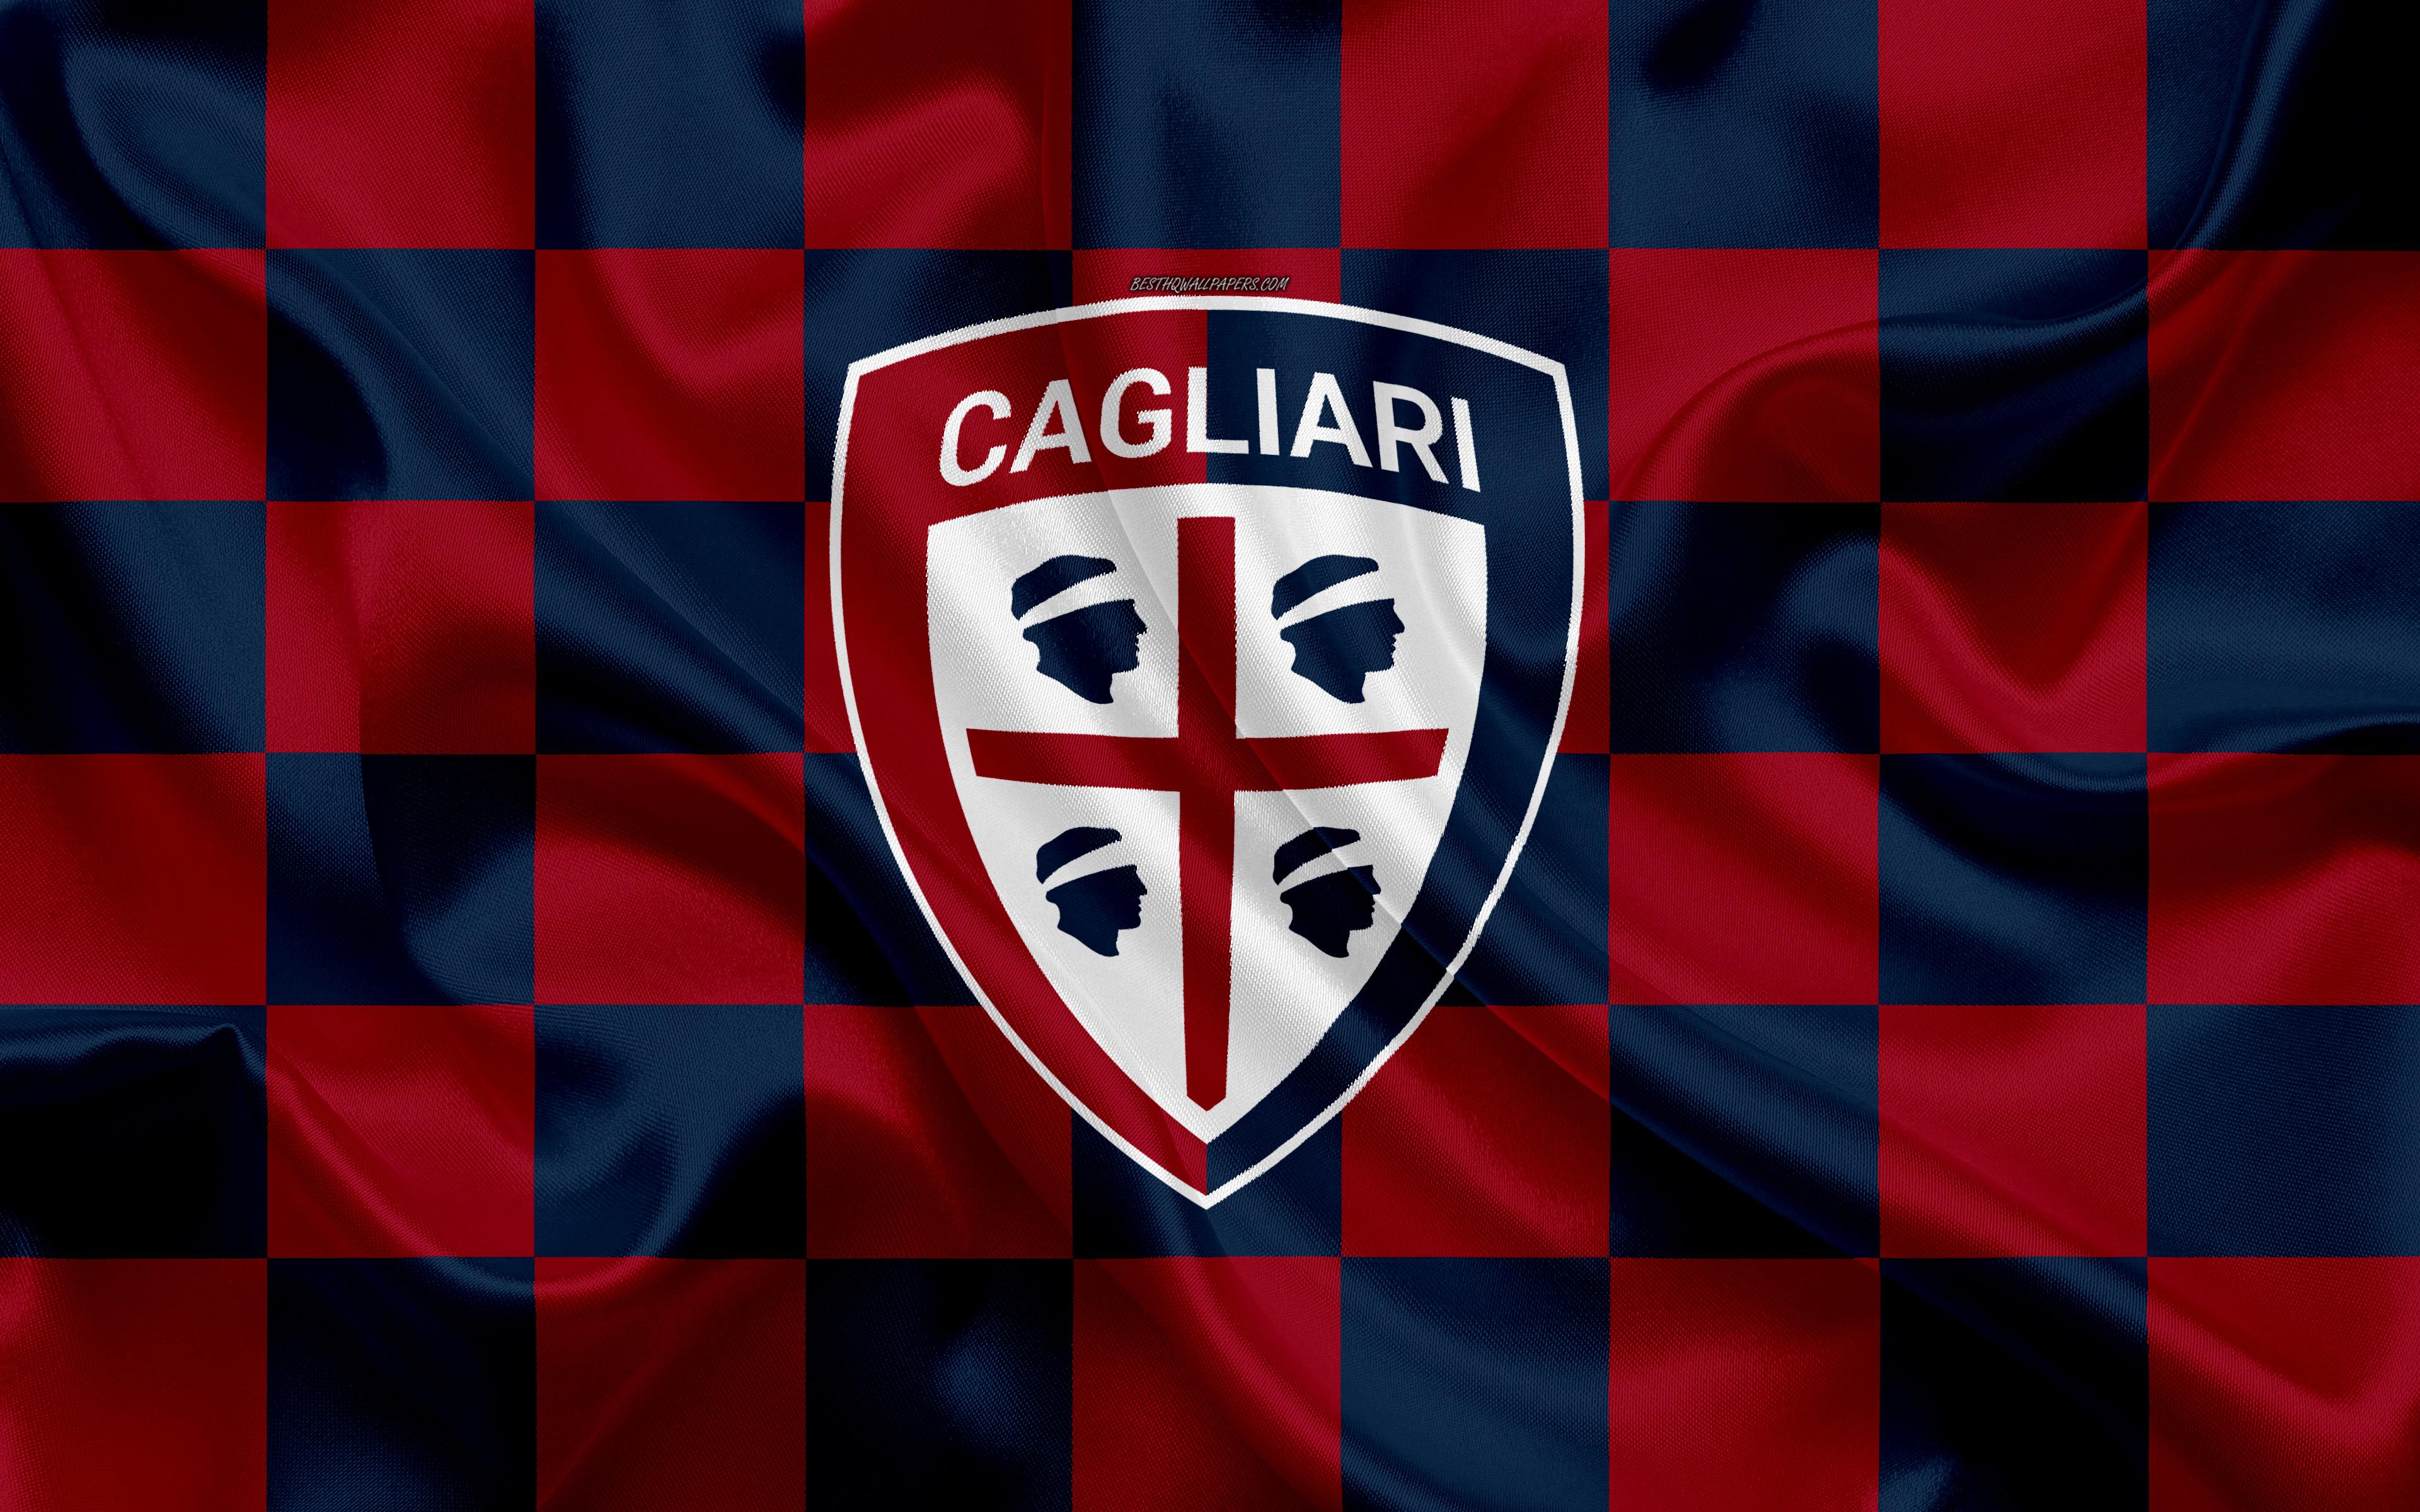 INNO CAGLIARI TESTO - Letra del Himno del Cagliari en Español